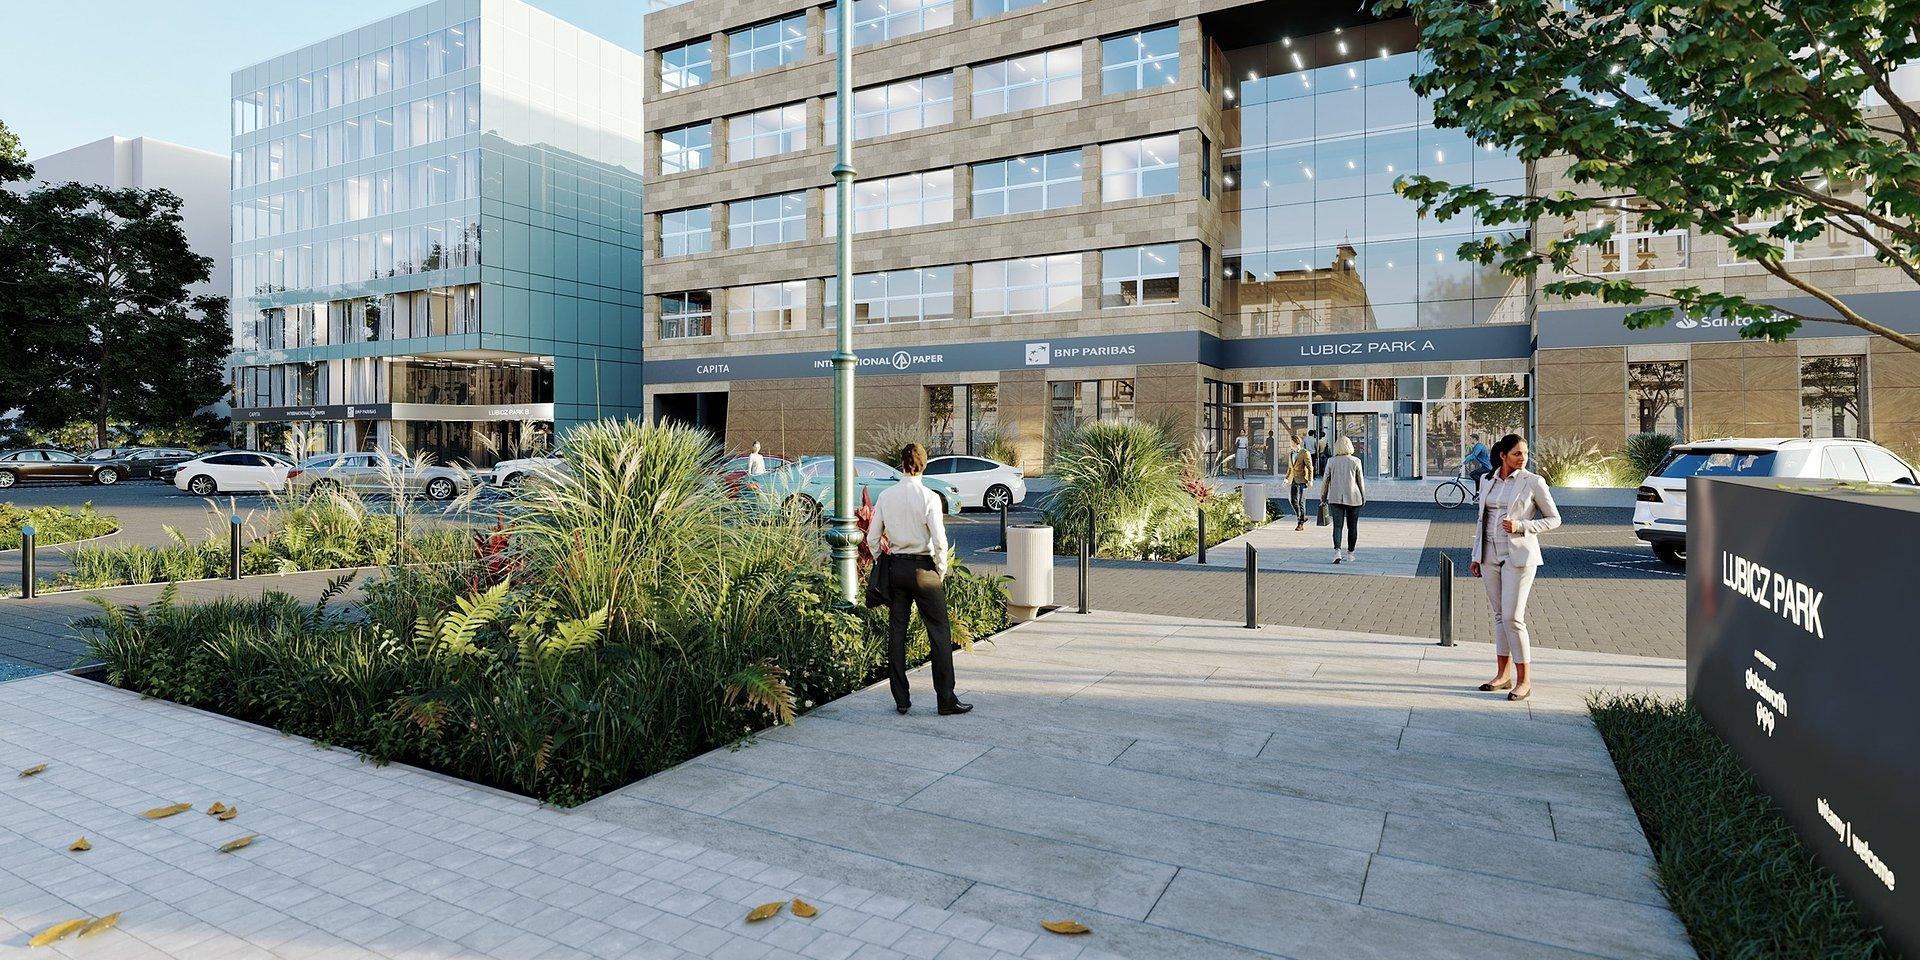 Centrum Biurowe Lubicz przejdzie metamorfozę. Będzie nowocześnie i zielono